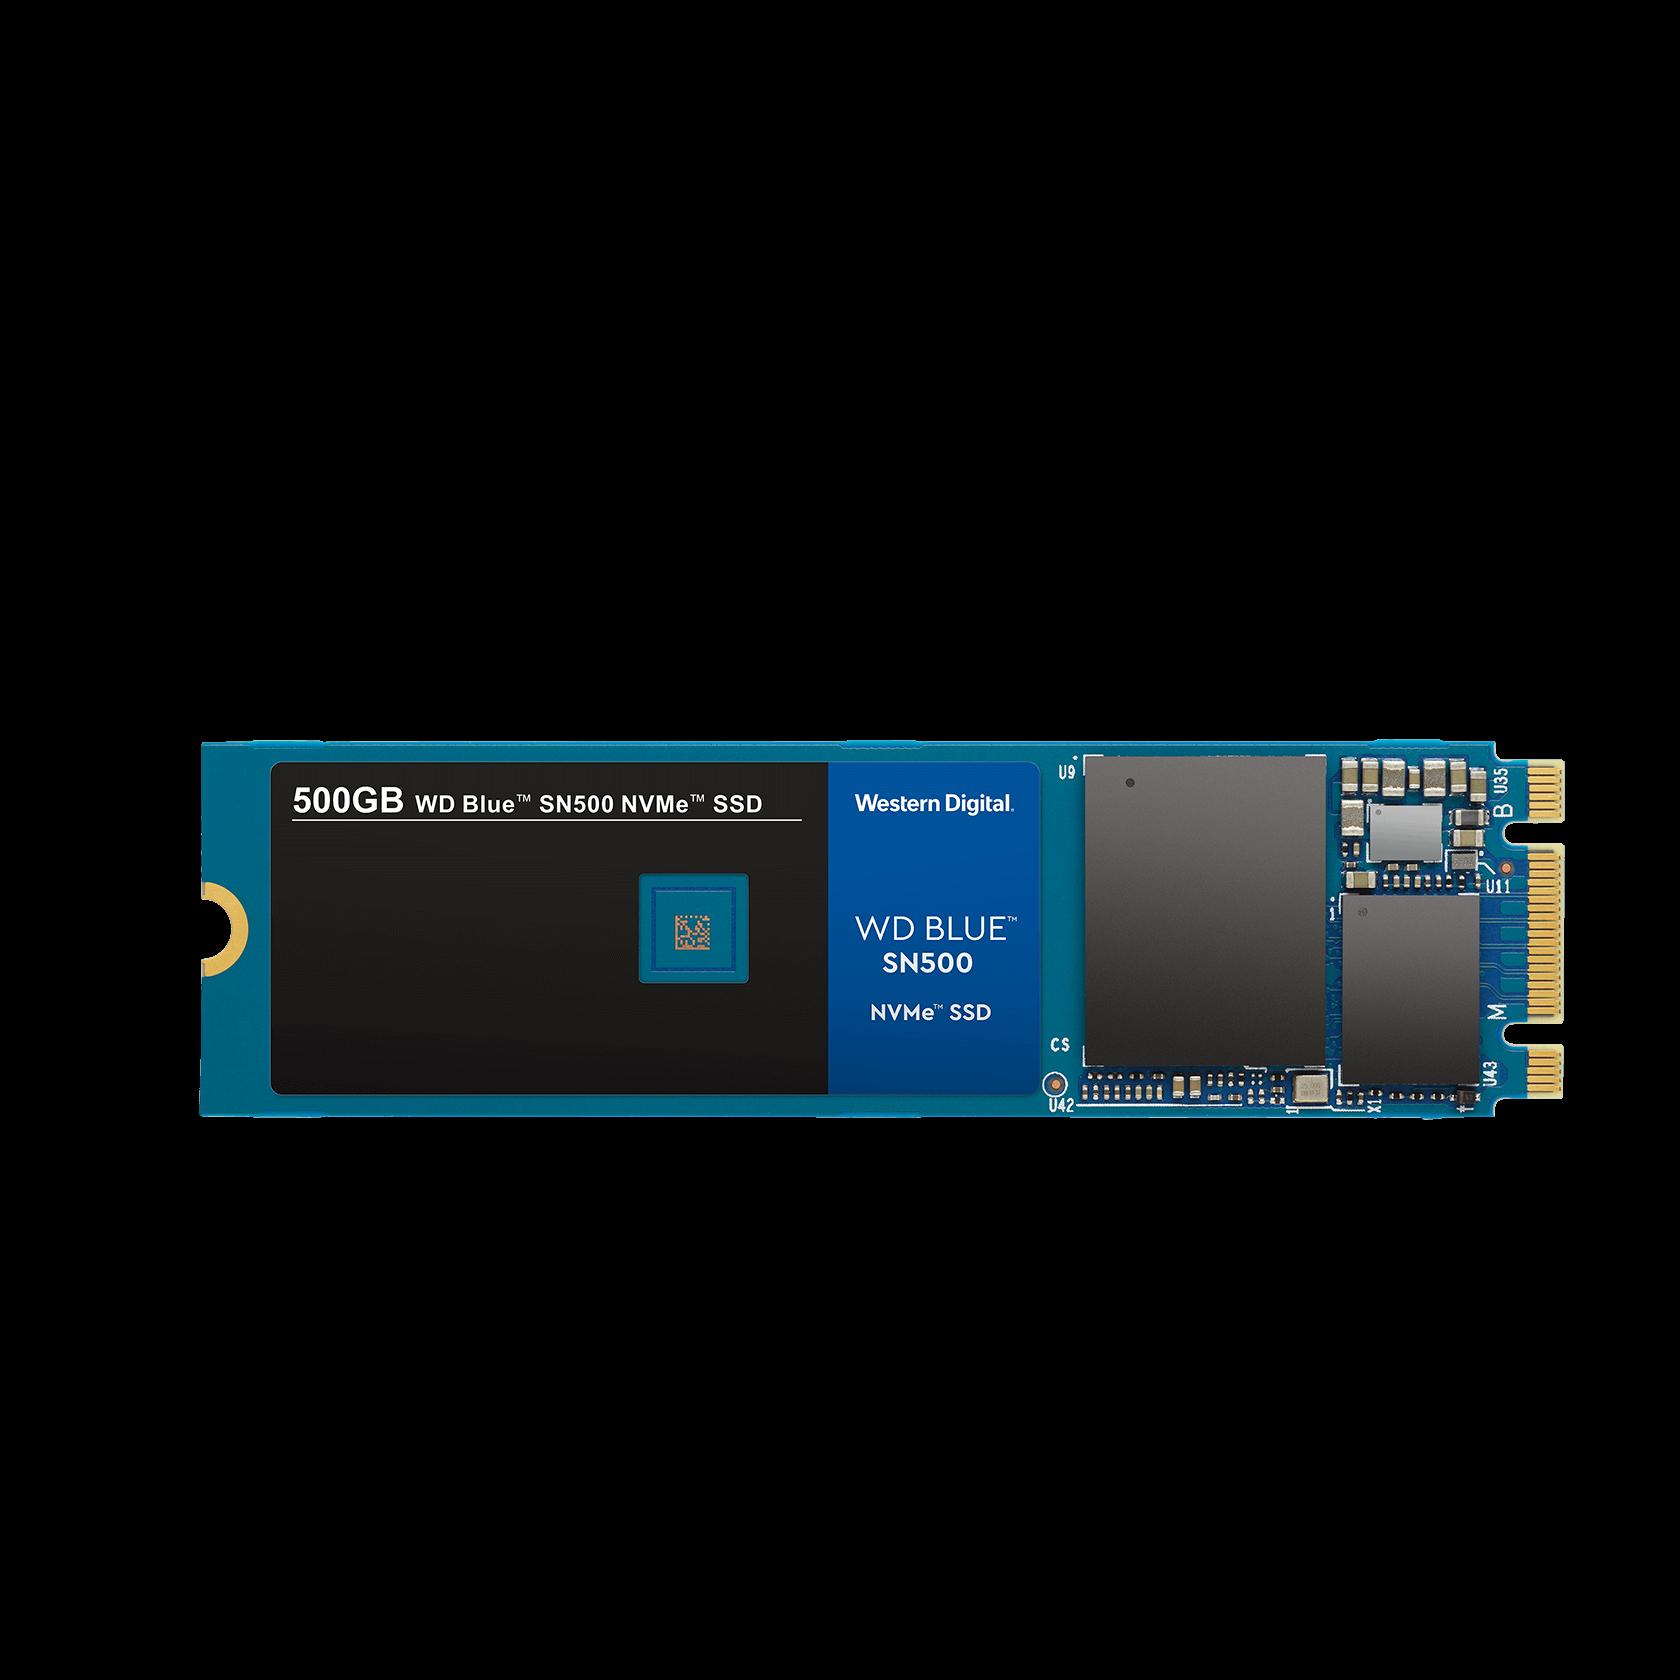 Western Digital WD SN500 NVMe 250GB, Blue - WDS250G1B0C